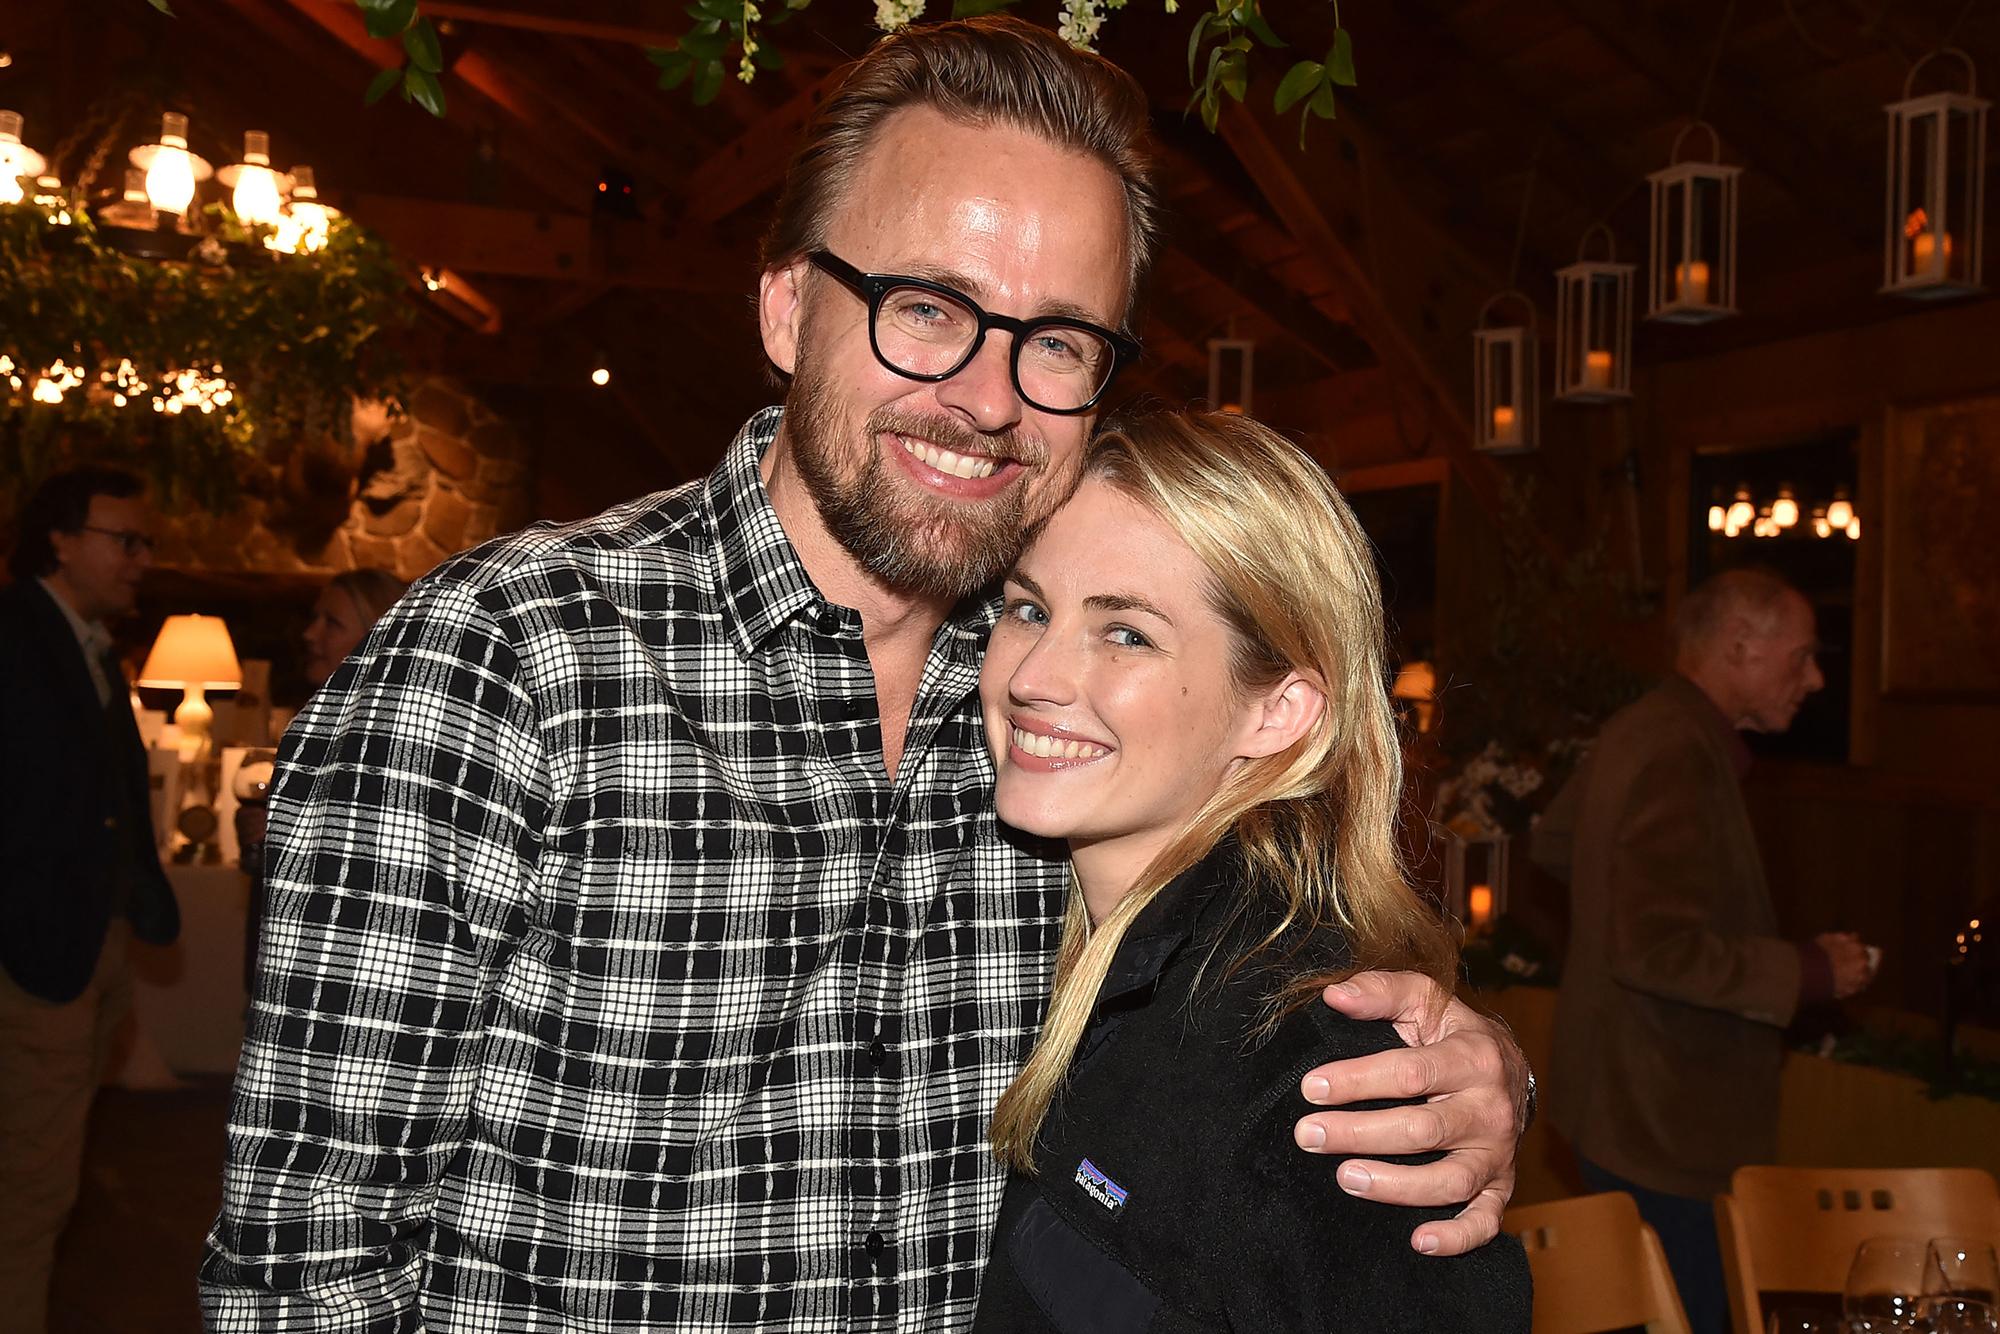 Amanda hearst dating dating 4 years